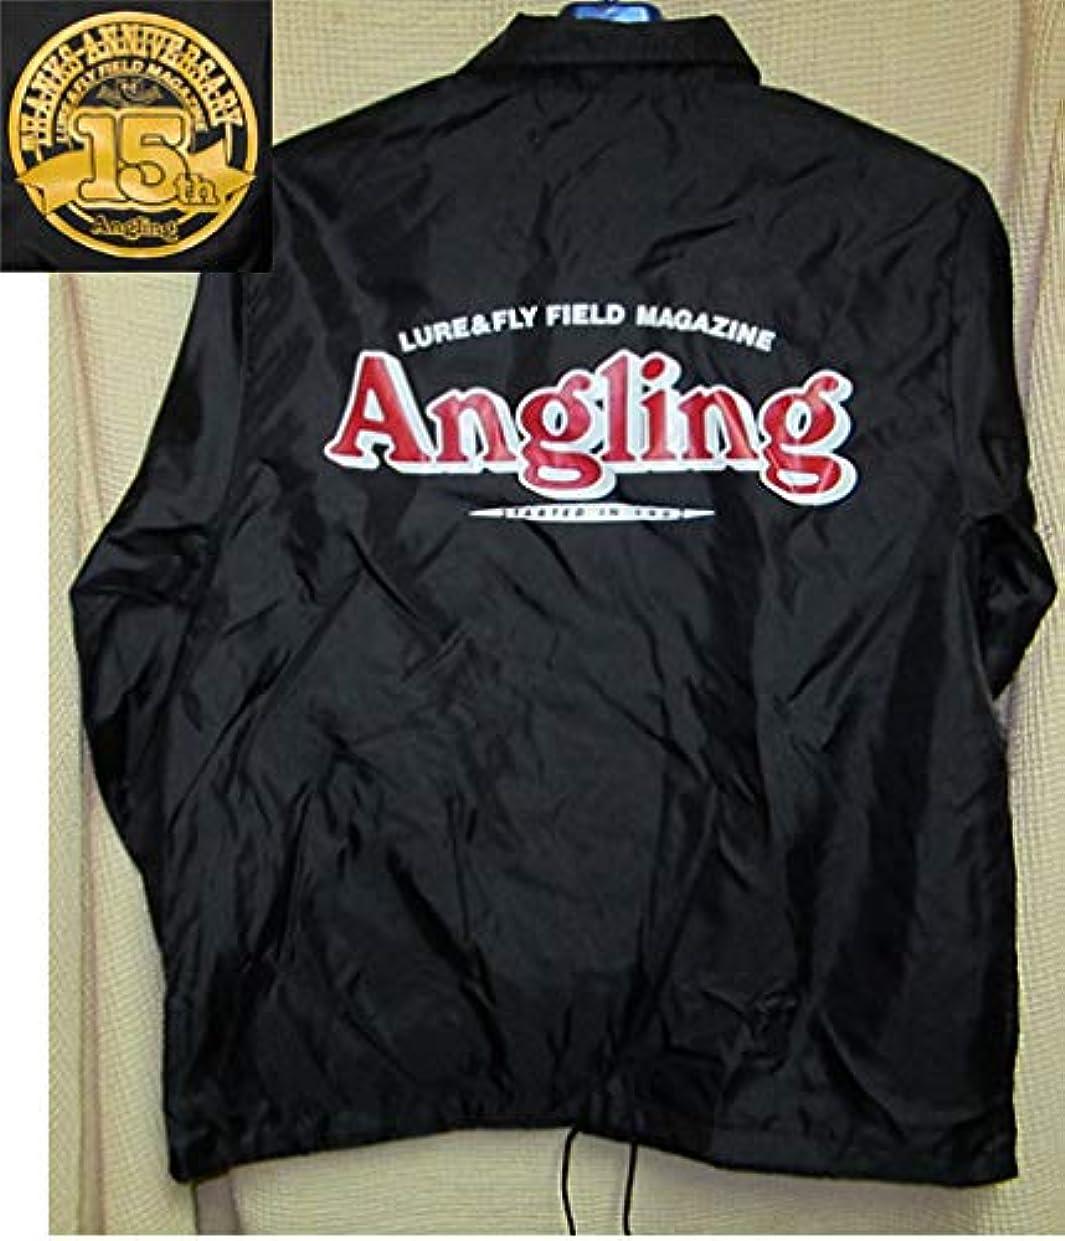 貢献想定するバーチャル激90年代USA製アングリング15周年記念限定コーチジャケット新品Anglingナイロンジャケット ウインドブレーカー フライ釣りルアー専門誌